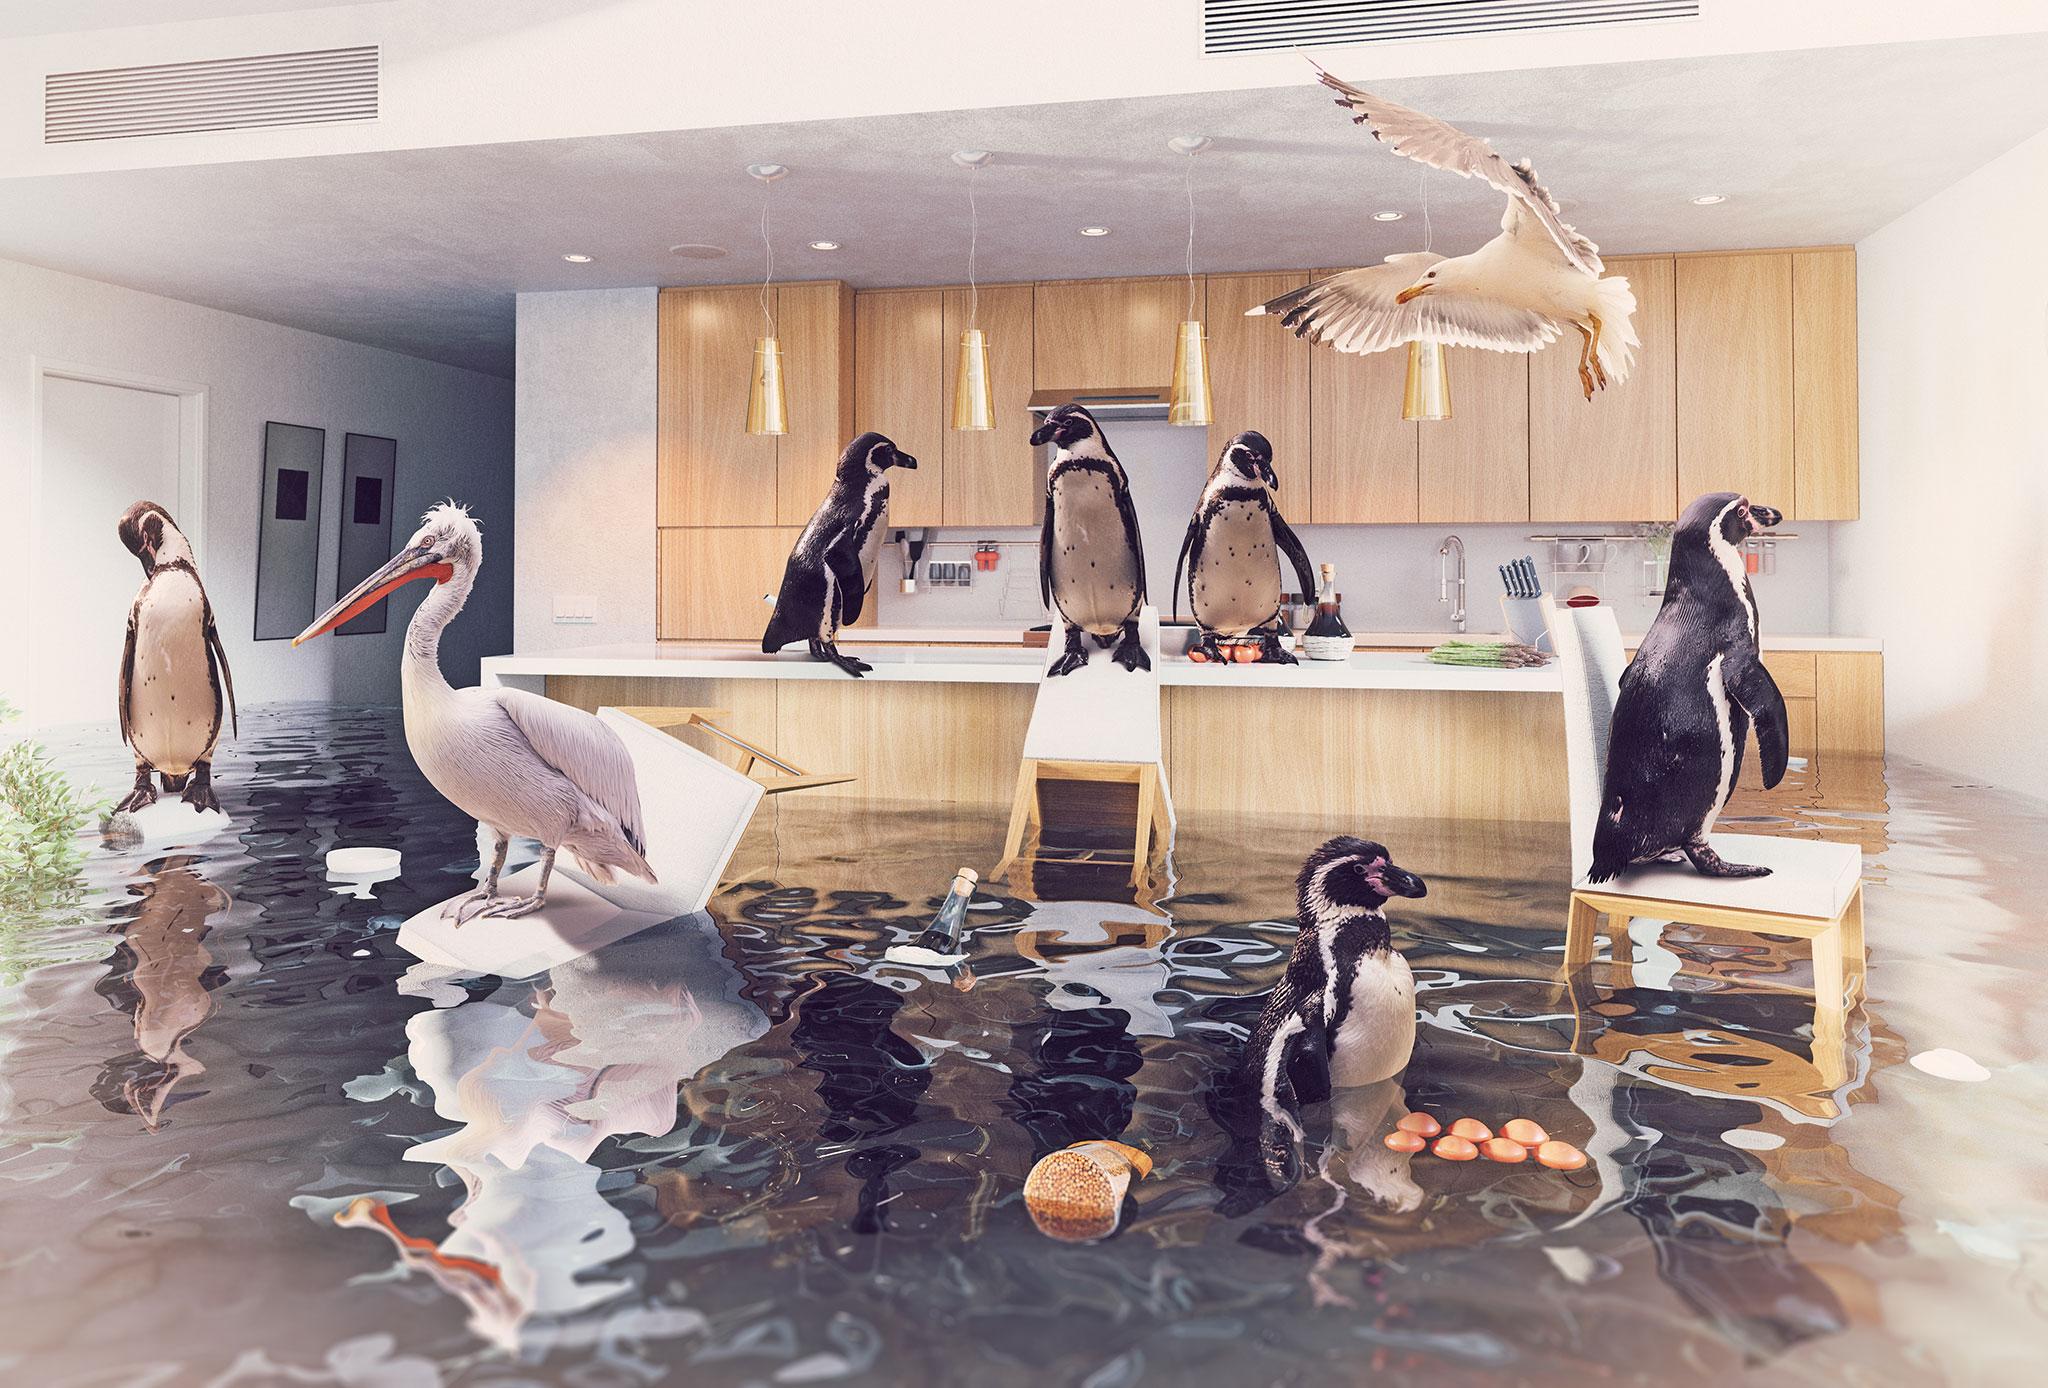 Wasserschaden in der Küche und im Wohnbereich